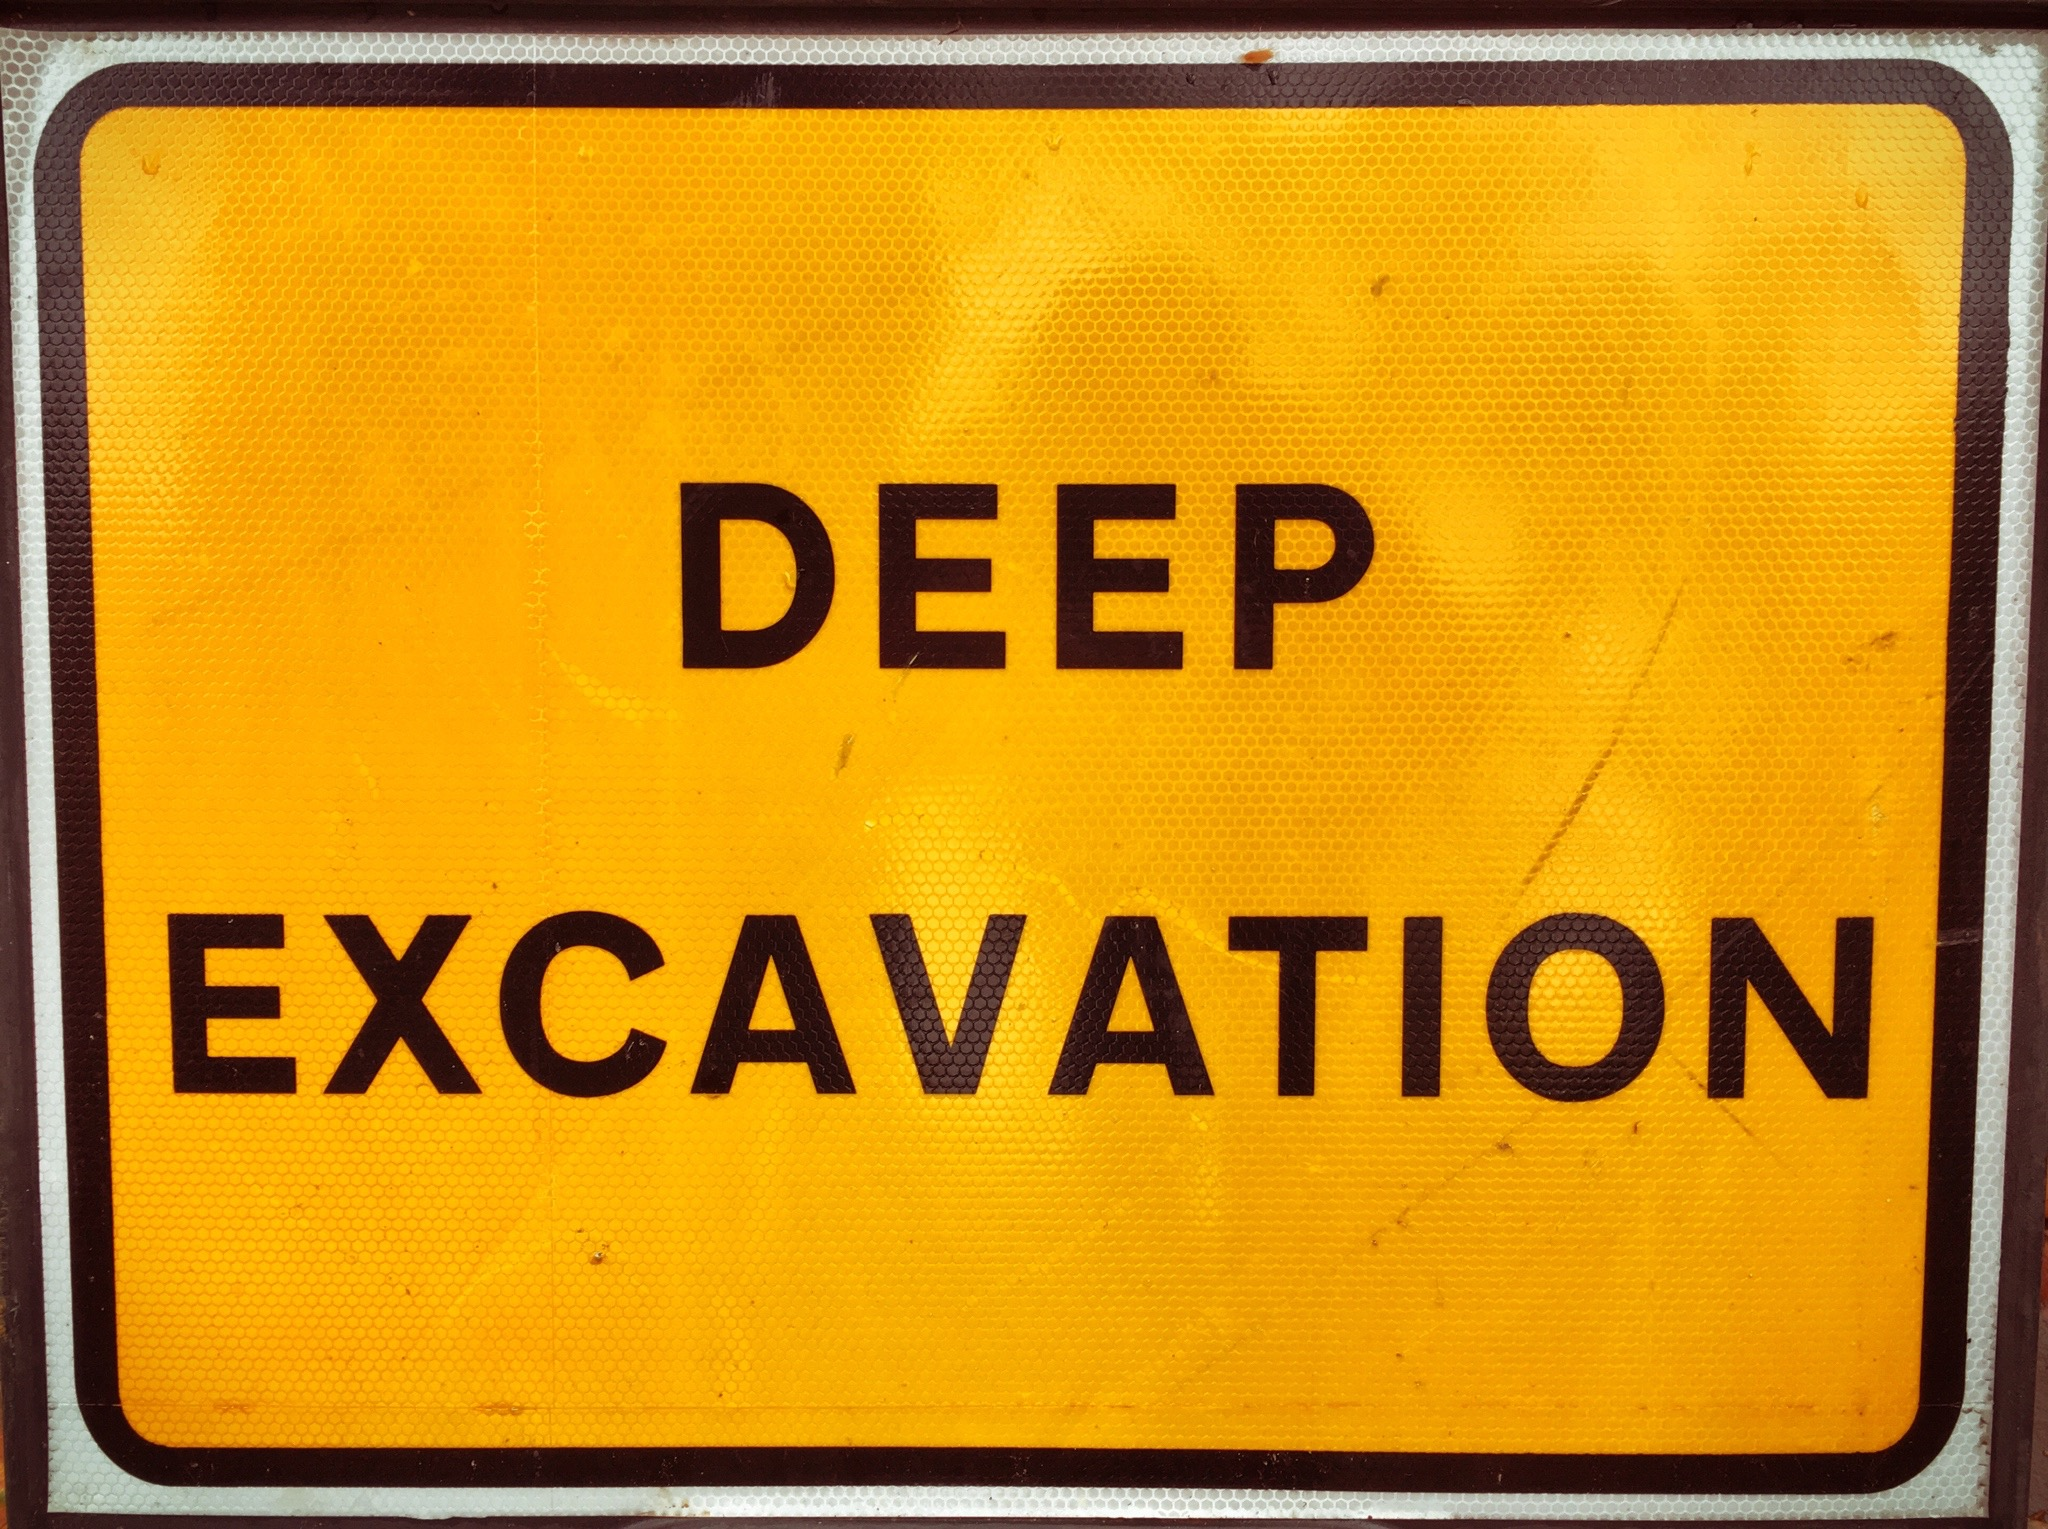 deepexcavation